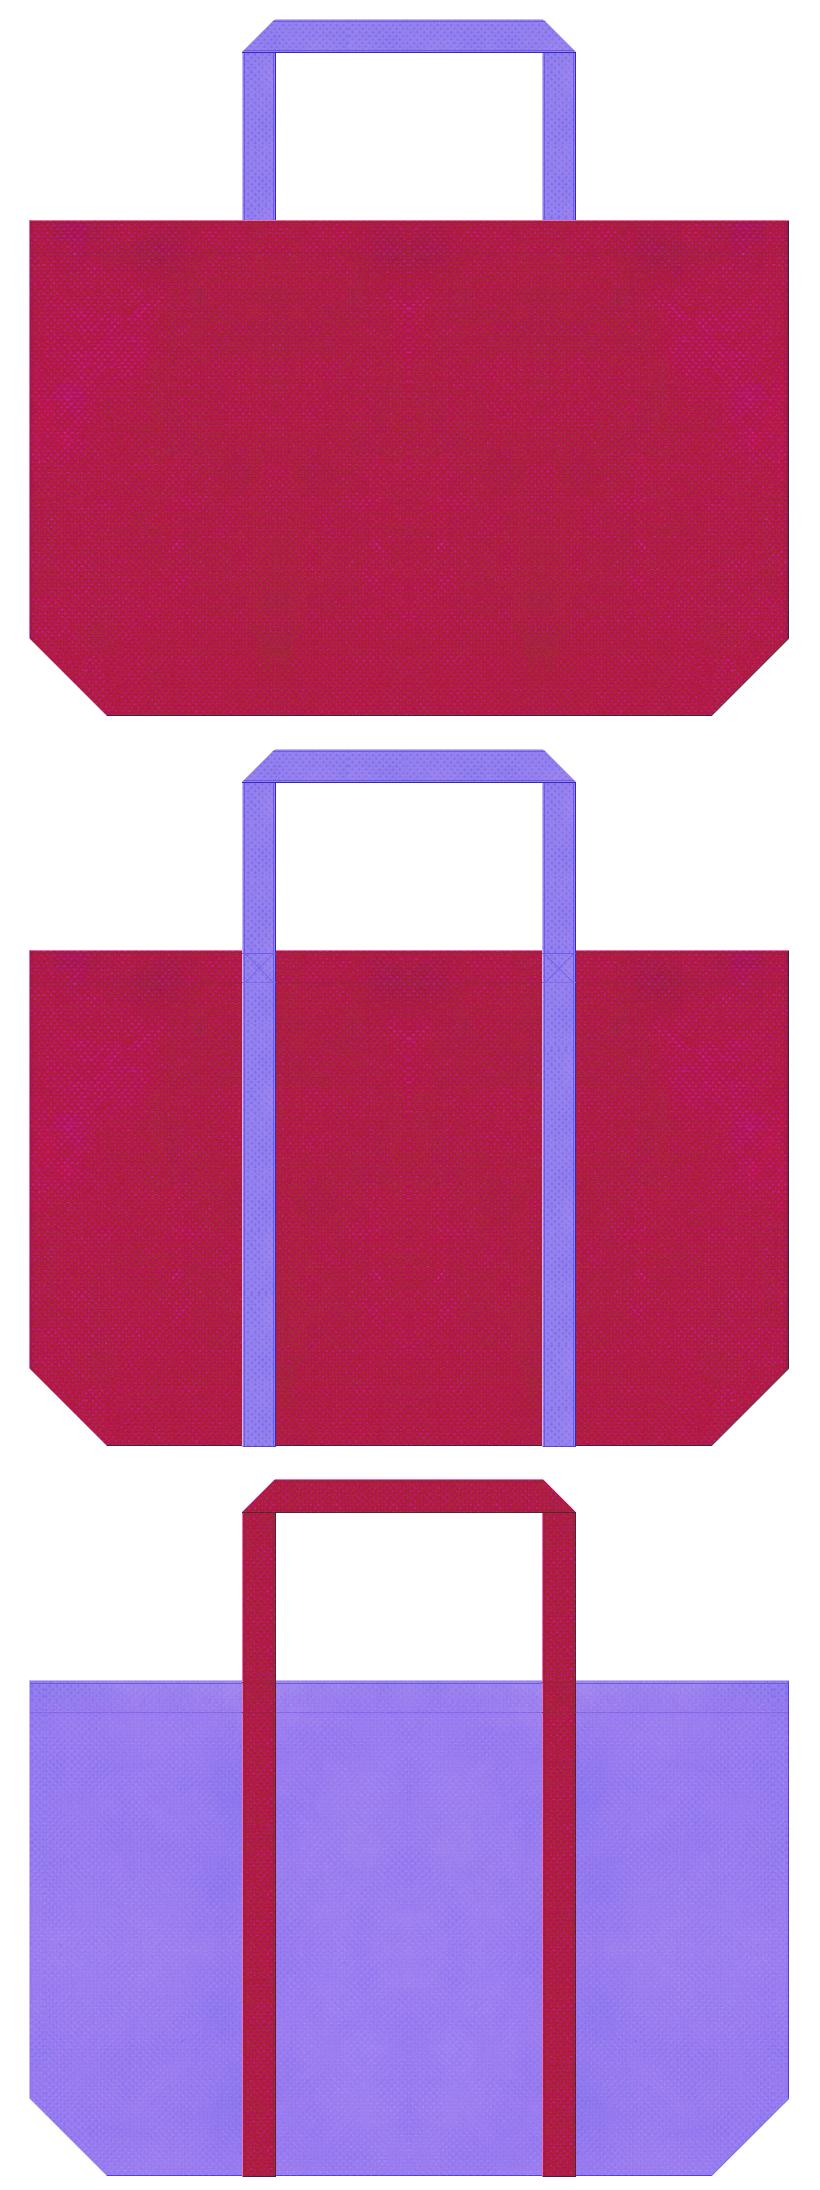 不織布バッグのデザイン:濃いピンク色と薄紫色のコーデ